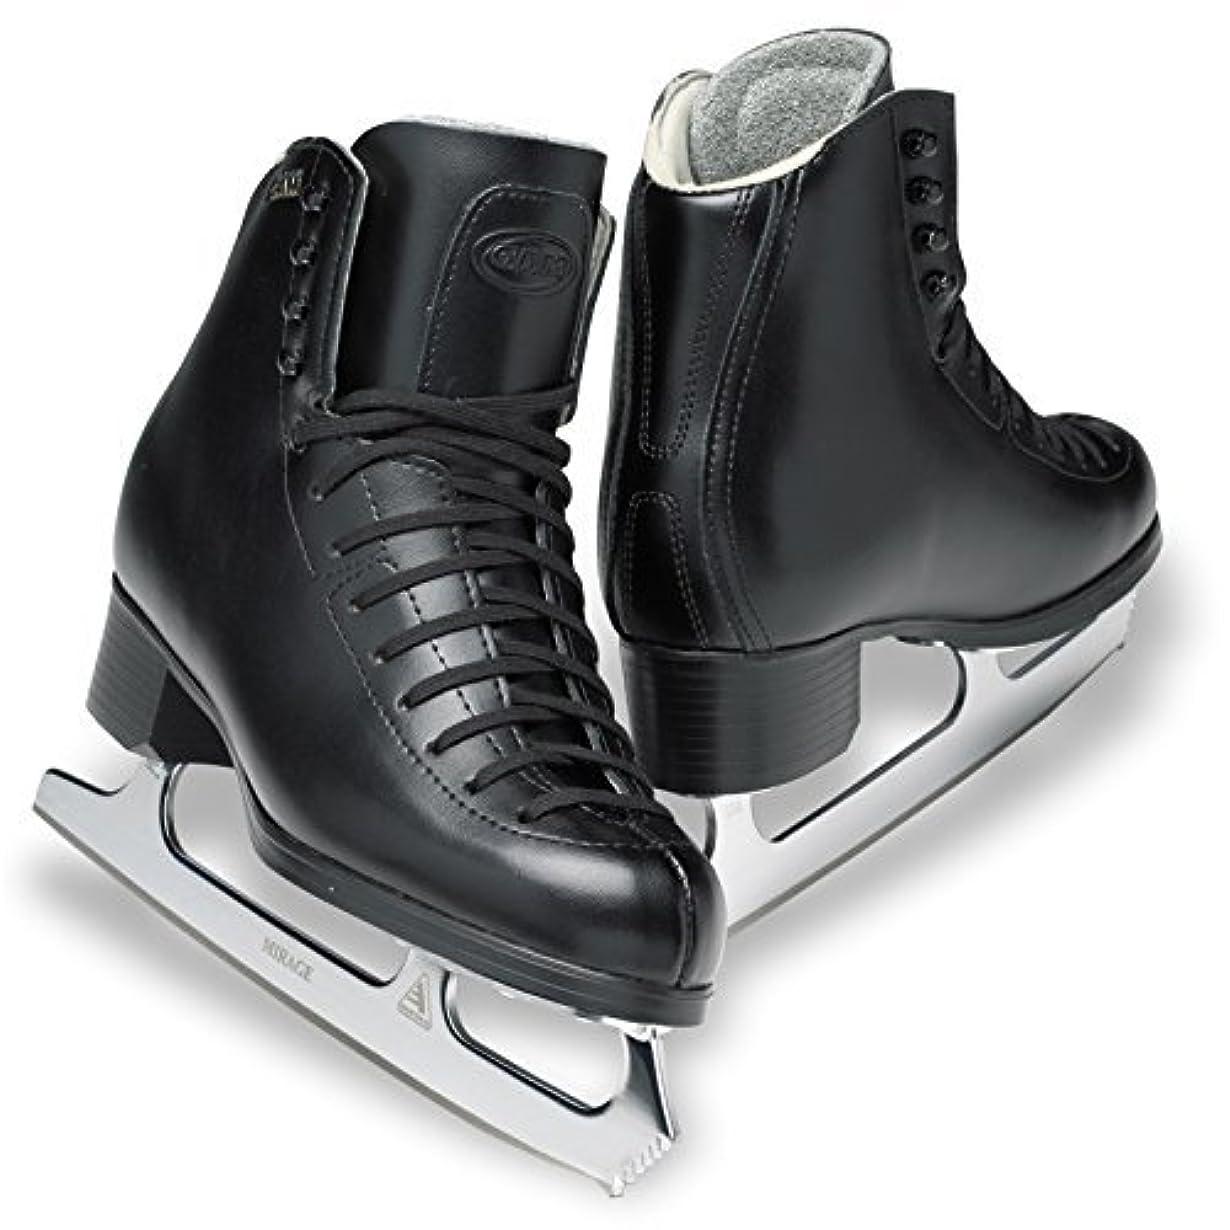 指令疲労急ぐGam g5047メンズ概念図Skates、ブラック